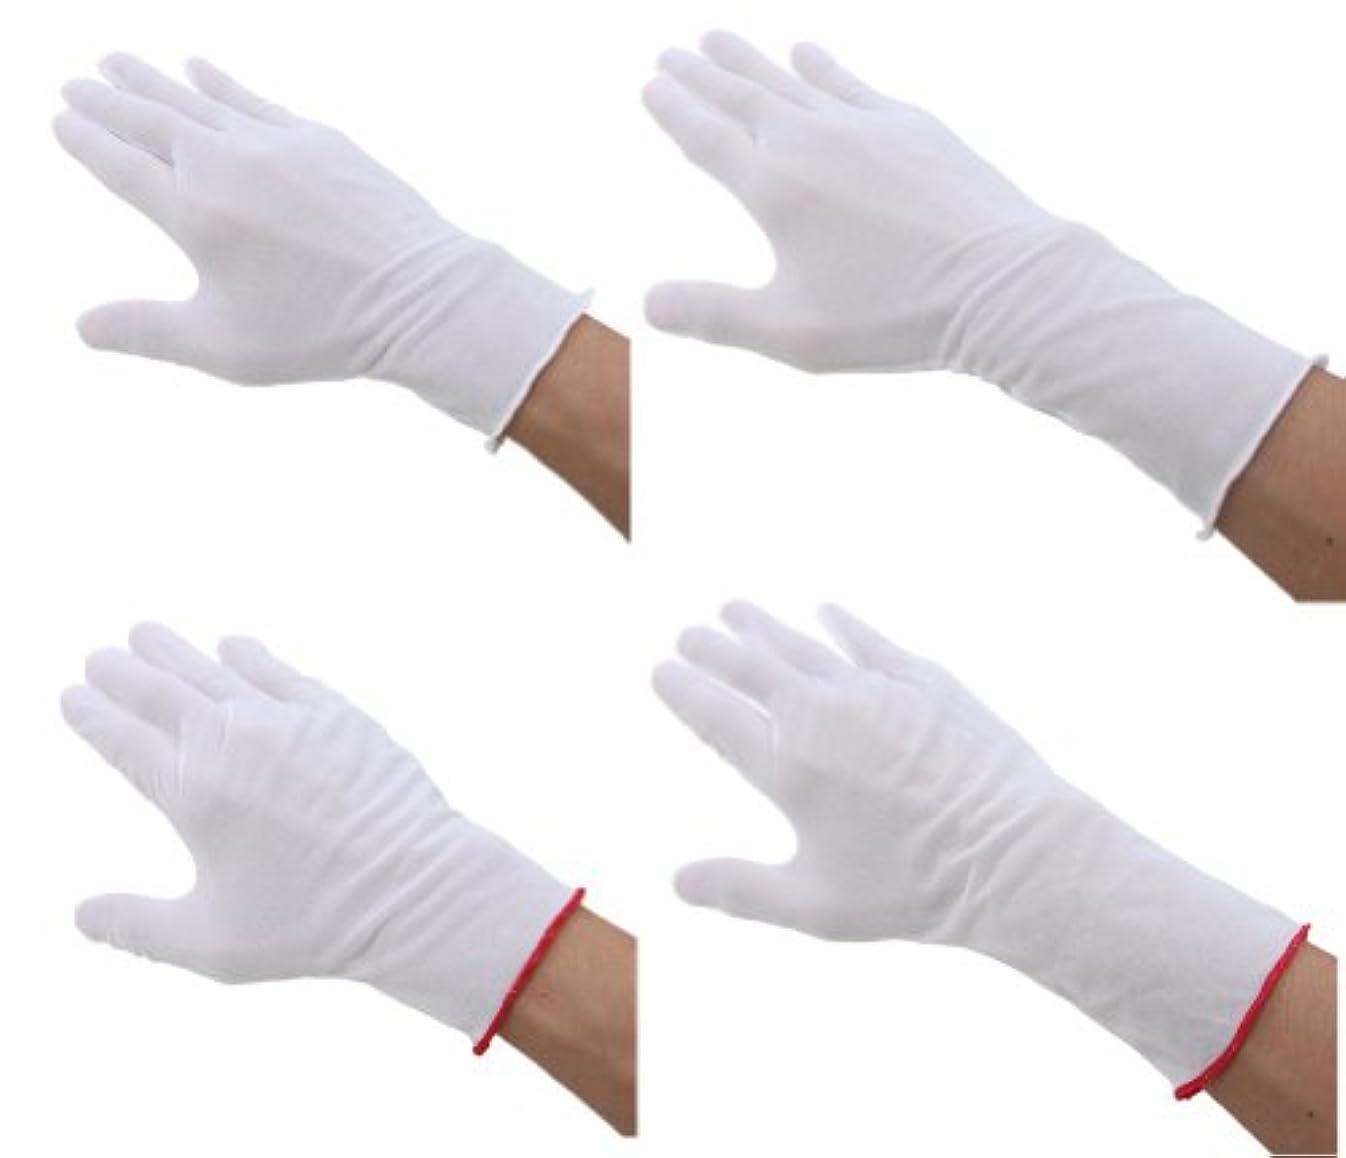 失う入射水星ウインセス 【通気性抜群!ゴム手袋の下履きに!/極薄インナー手袋】 約28cm (L/ロング)